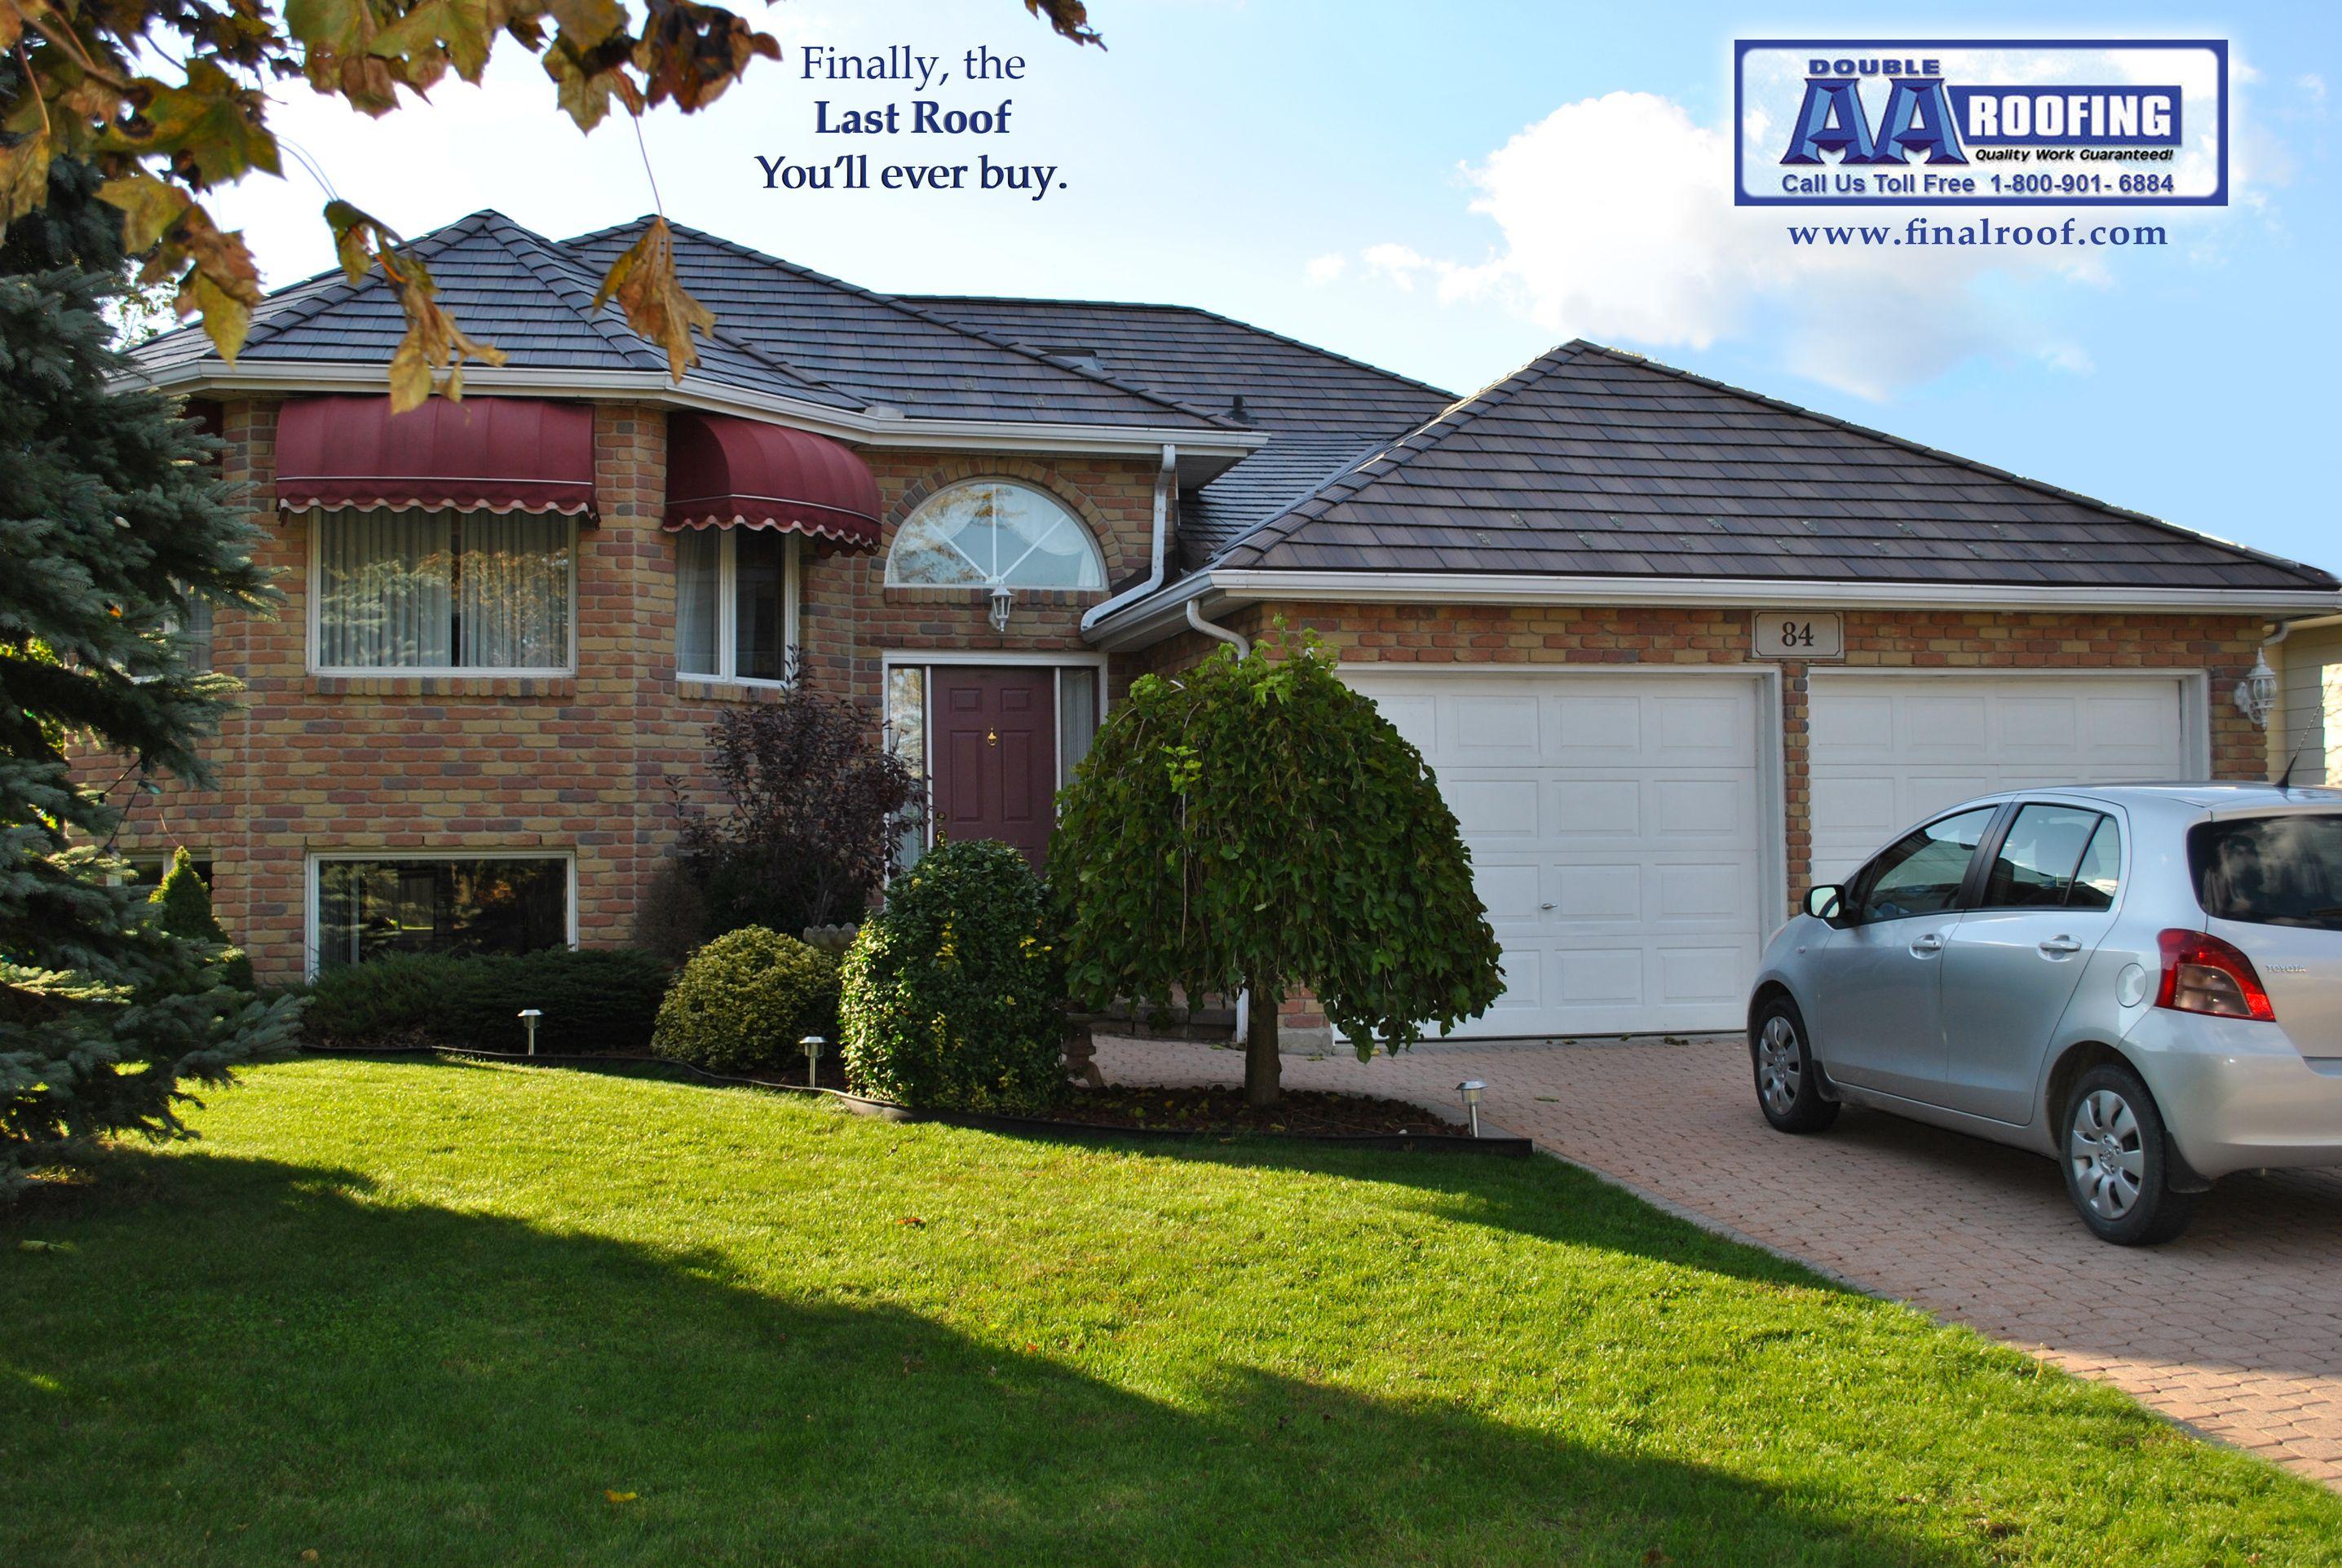 Residential Metal Roofing In Tecumseh Ontario By Double Aa Roofing Roofing Residential Metal Roofing Metal Roof